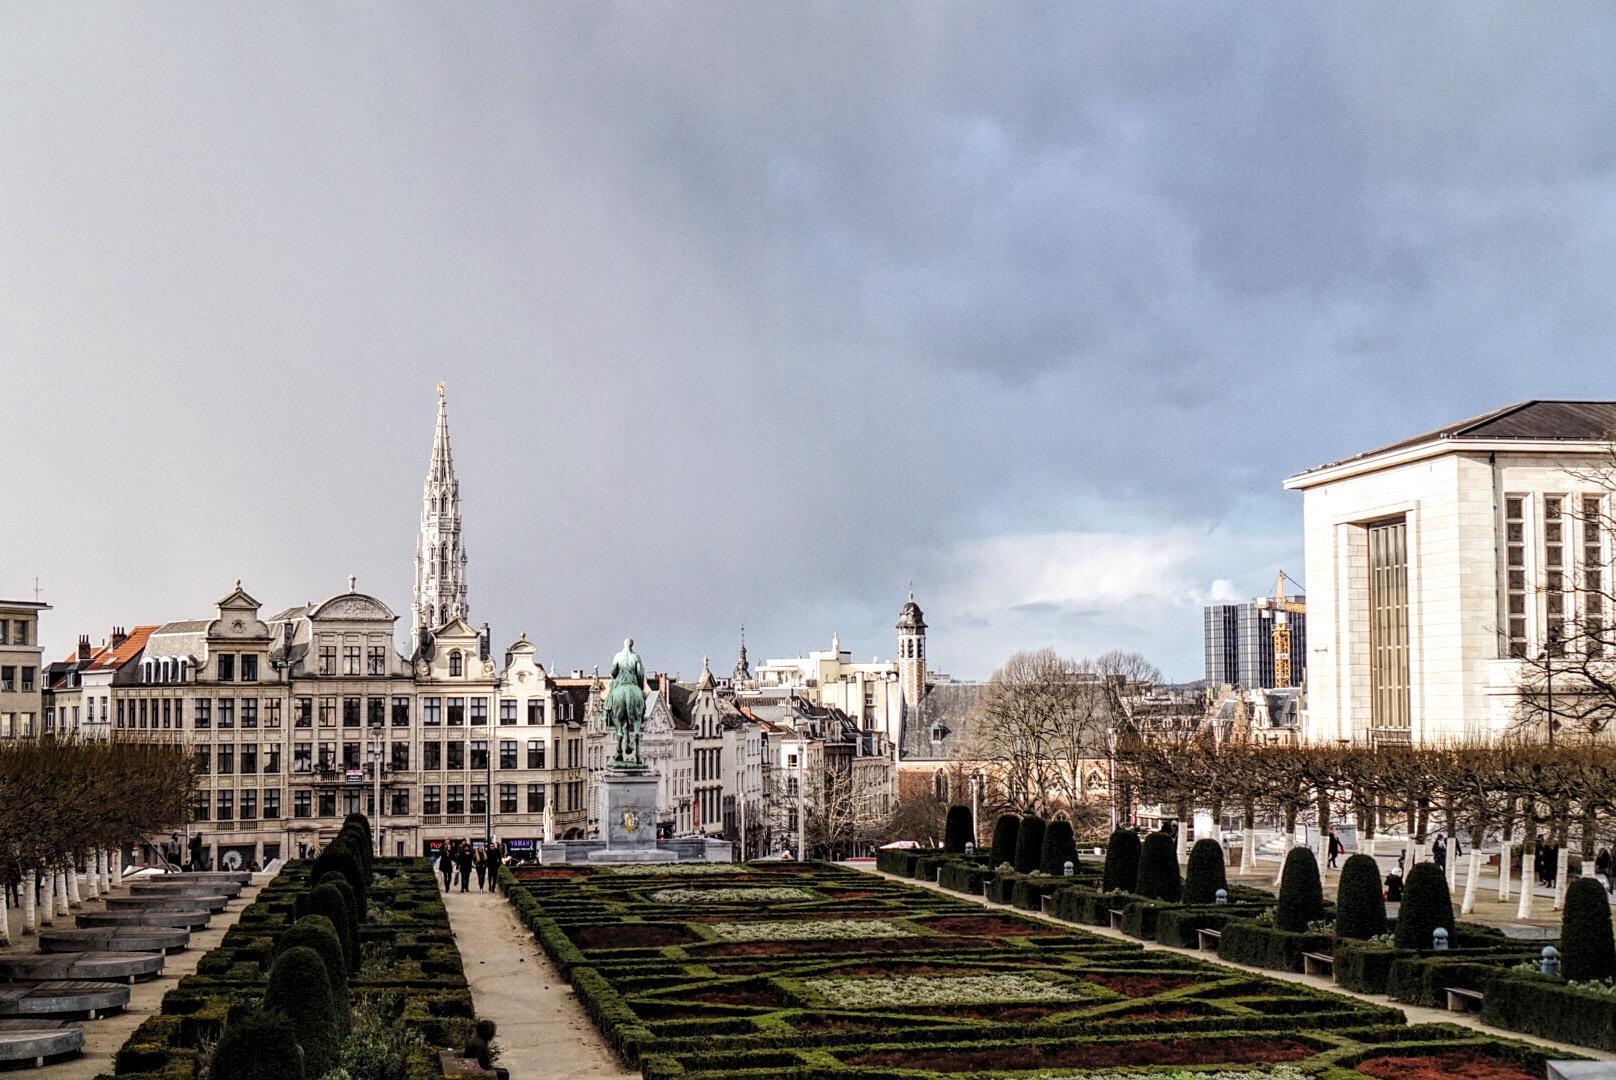 dynamicznie zmieniająca się pogoda w Brukseli